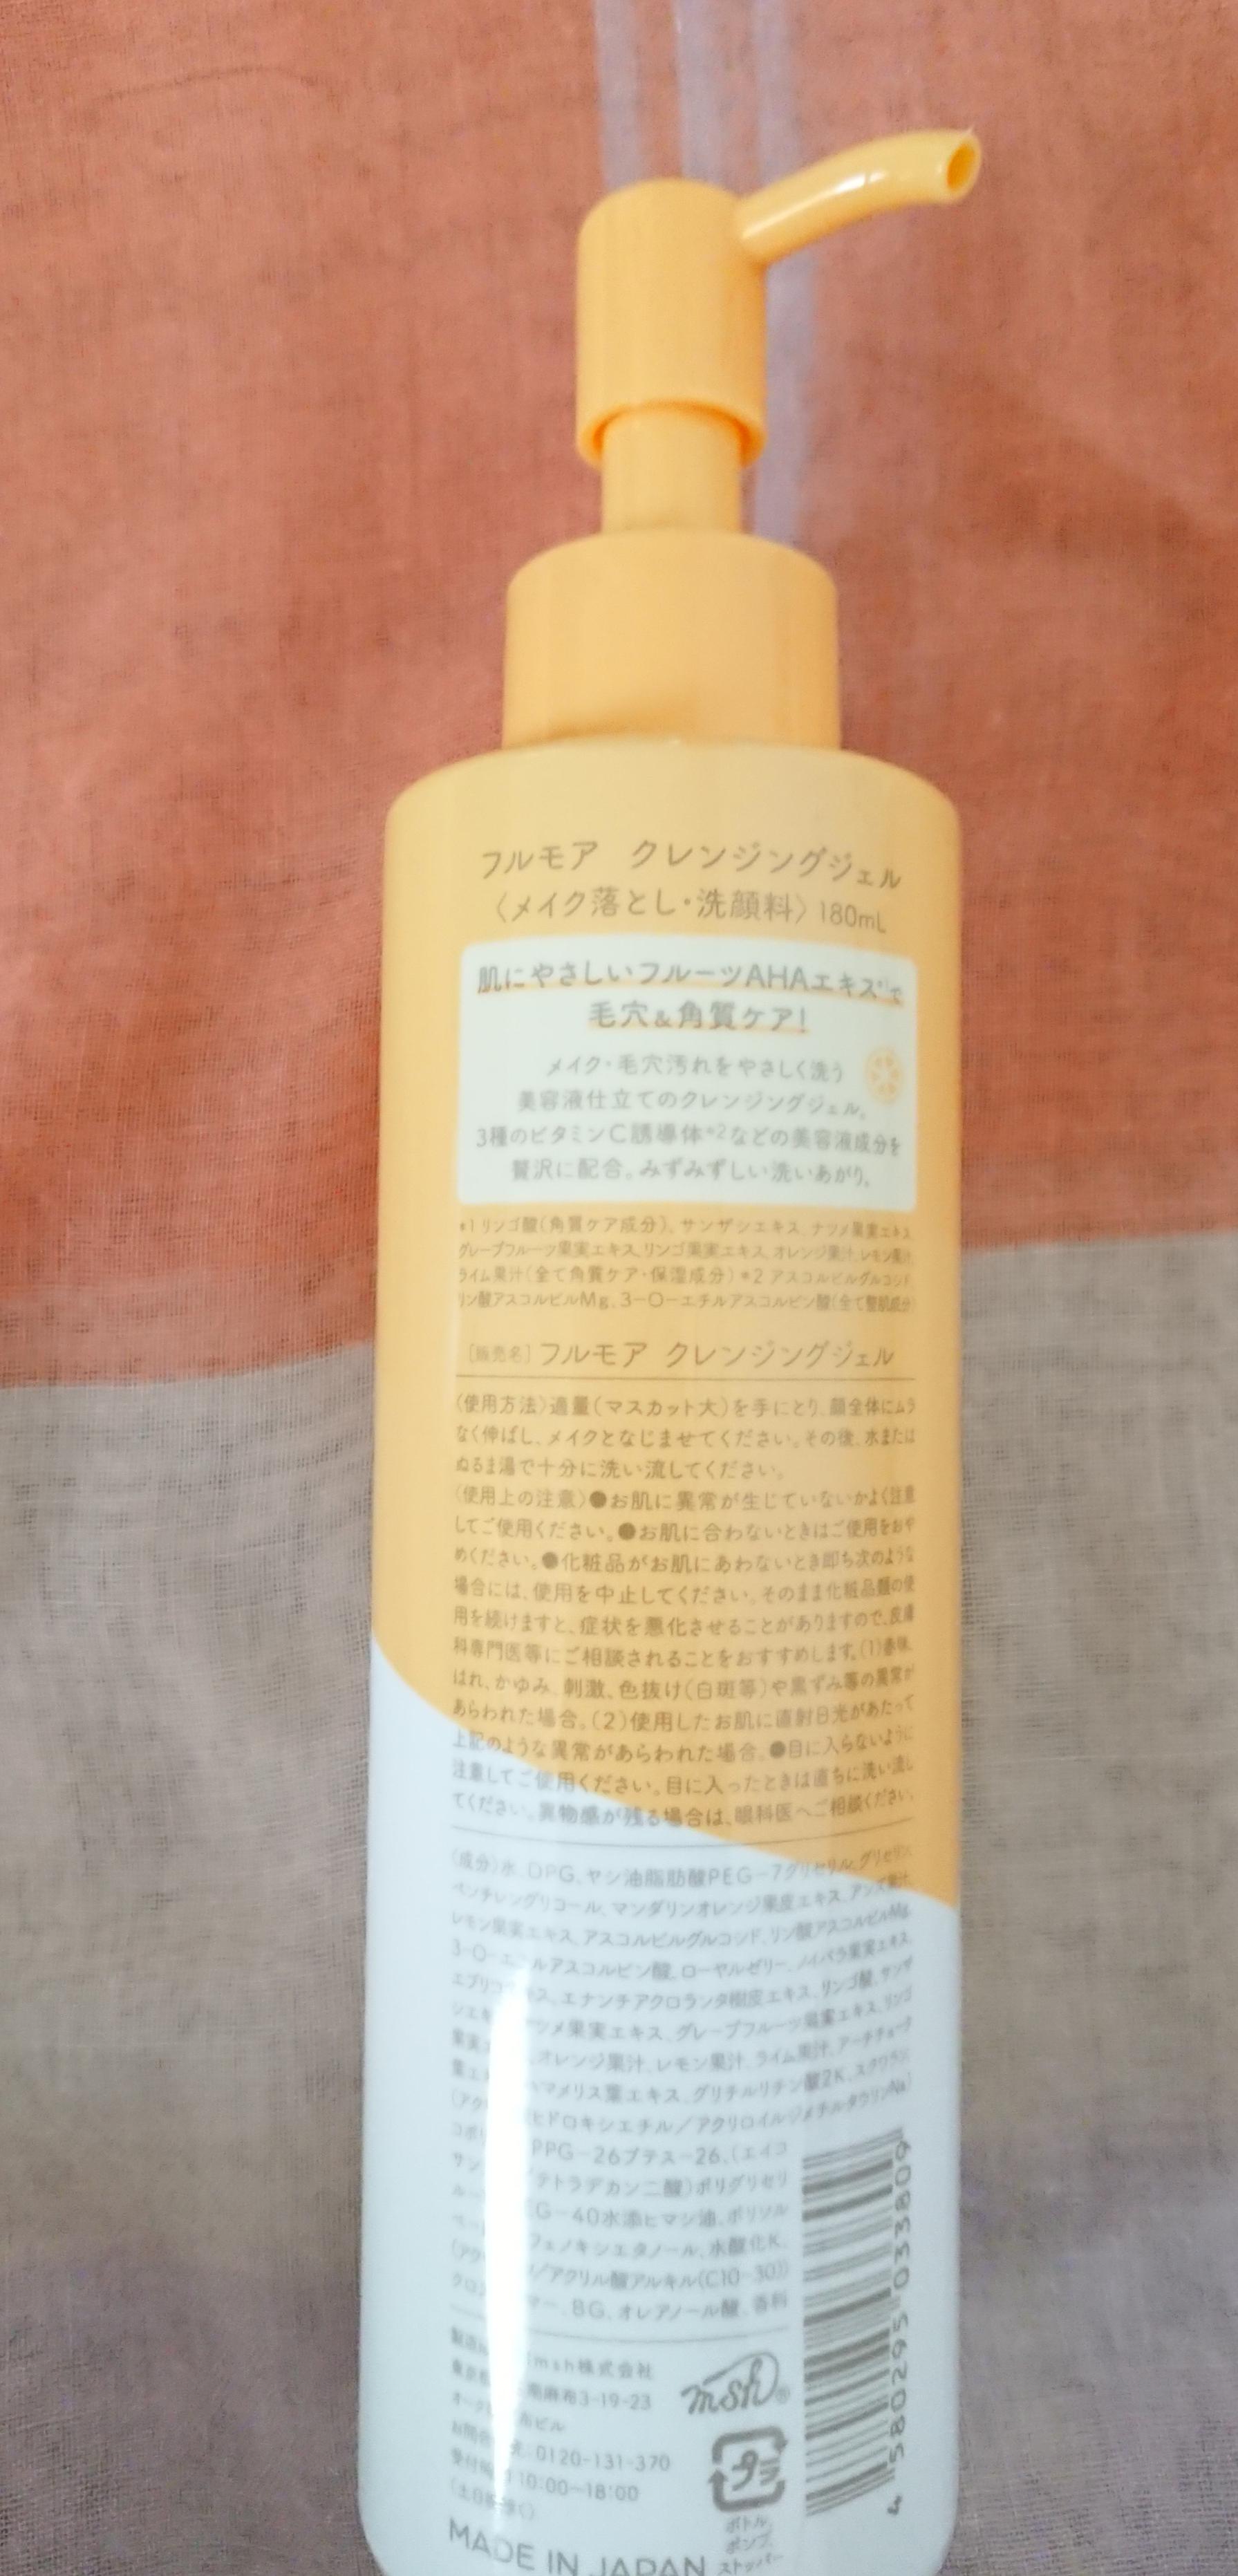 FRU MOR(フルモア) クレンジングジェルの良い点・メリットに関する恵未さんの口コミ画像2